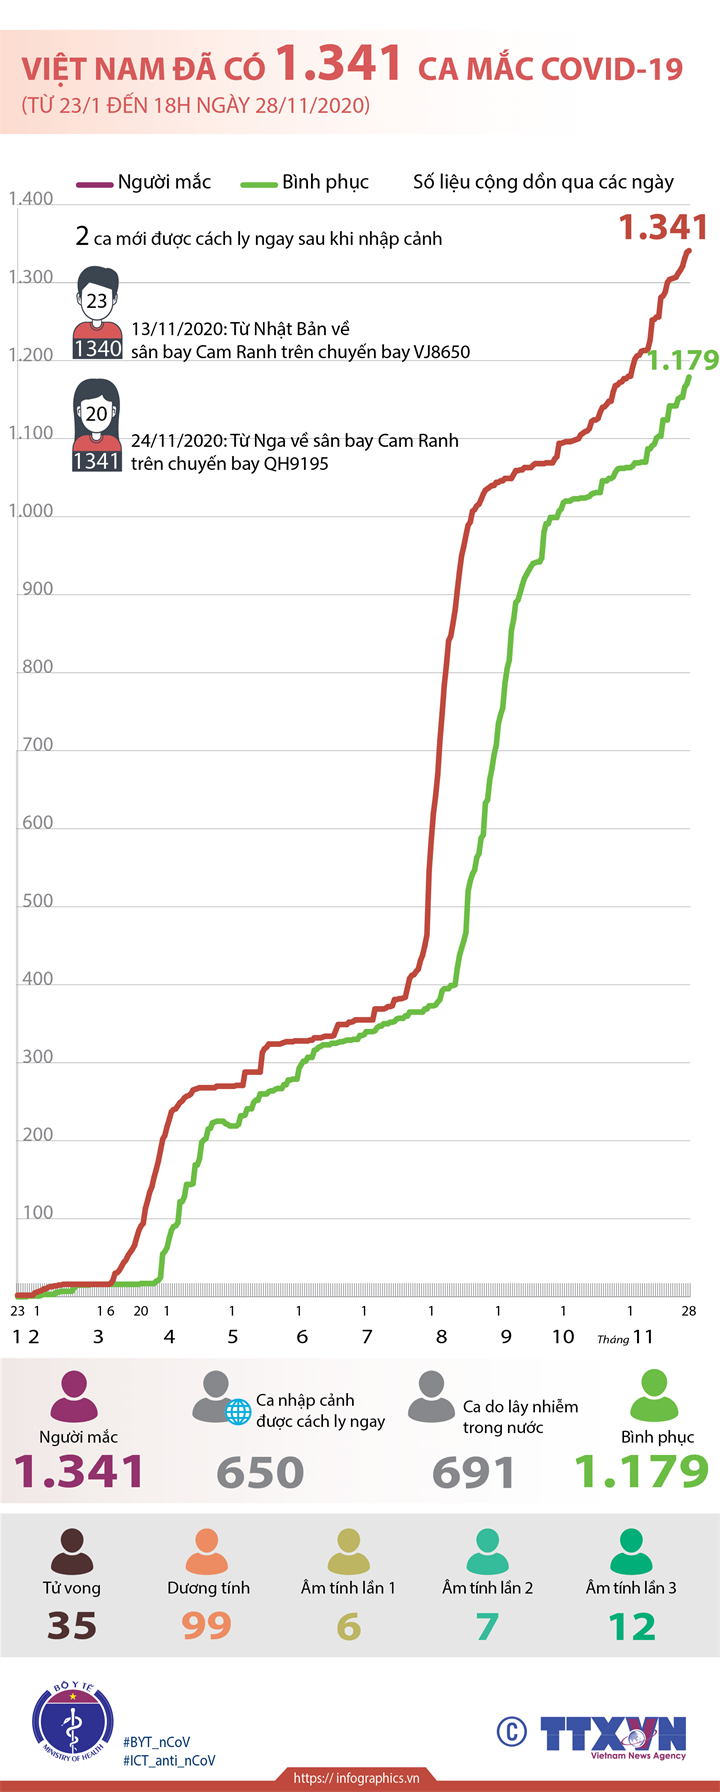 Việt Nam đã có 1.341 ca mắc COVID-19 (từ 23/1 đến 18h ngày 28/11/2020)